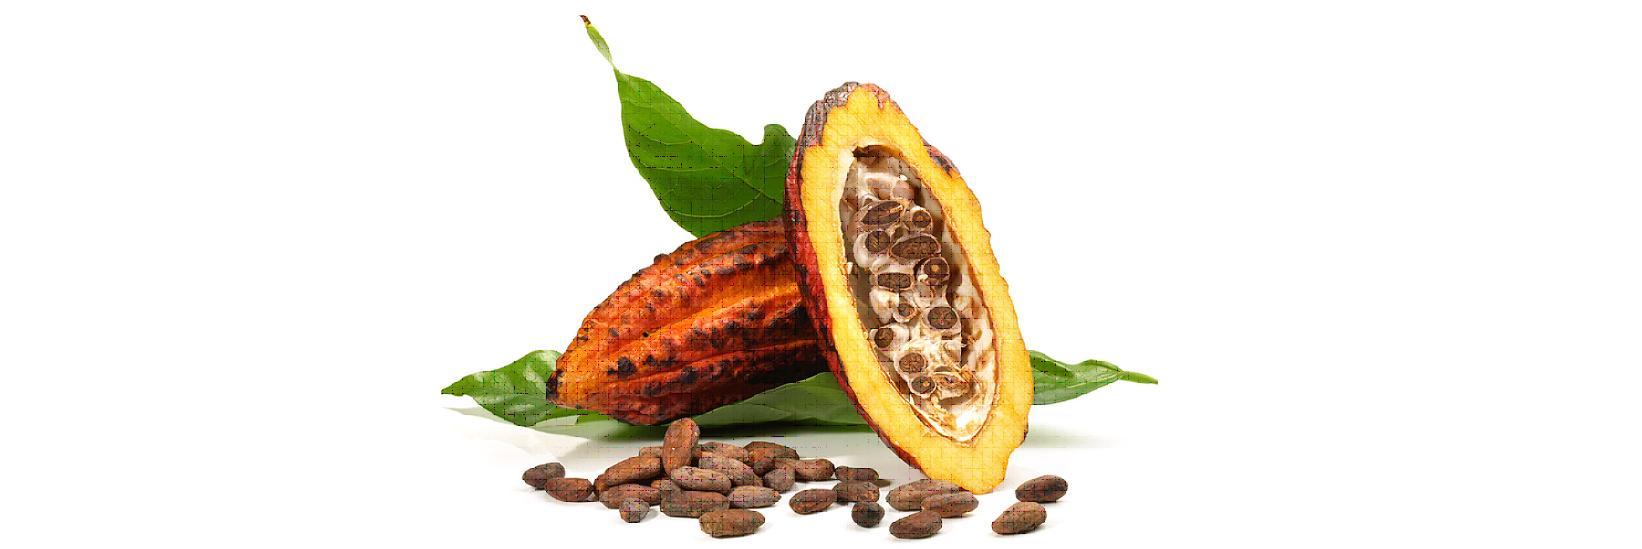 El cacao, un fruto tropical aliado para tu salud y para controlar tu peso